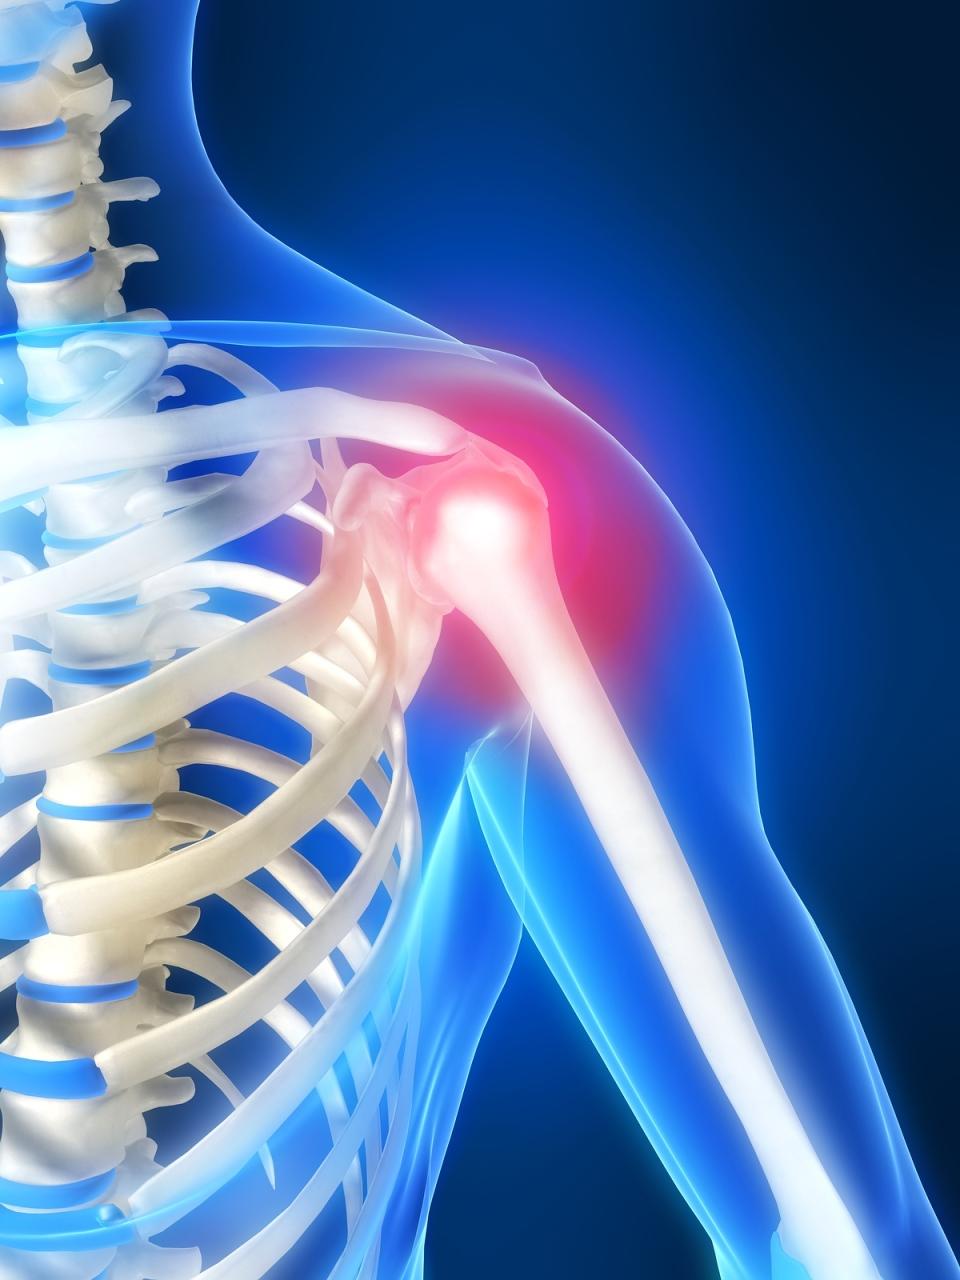 bendra kremai atsiliepimus sukelia artritas iš rankų